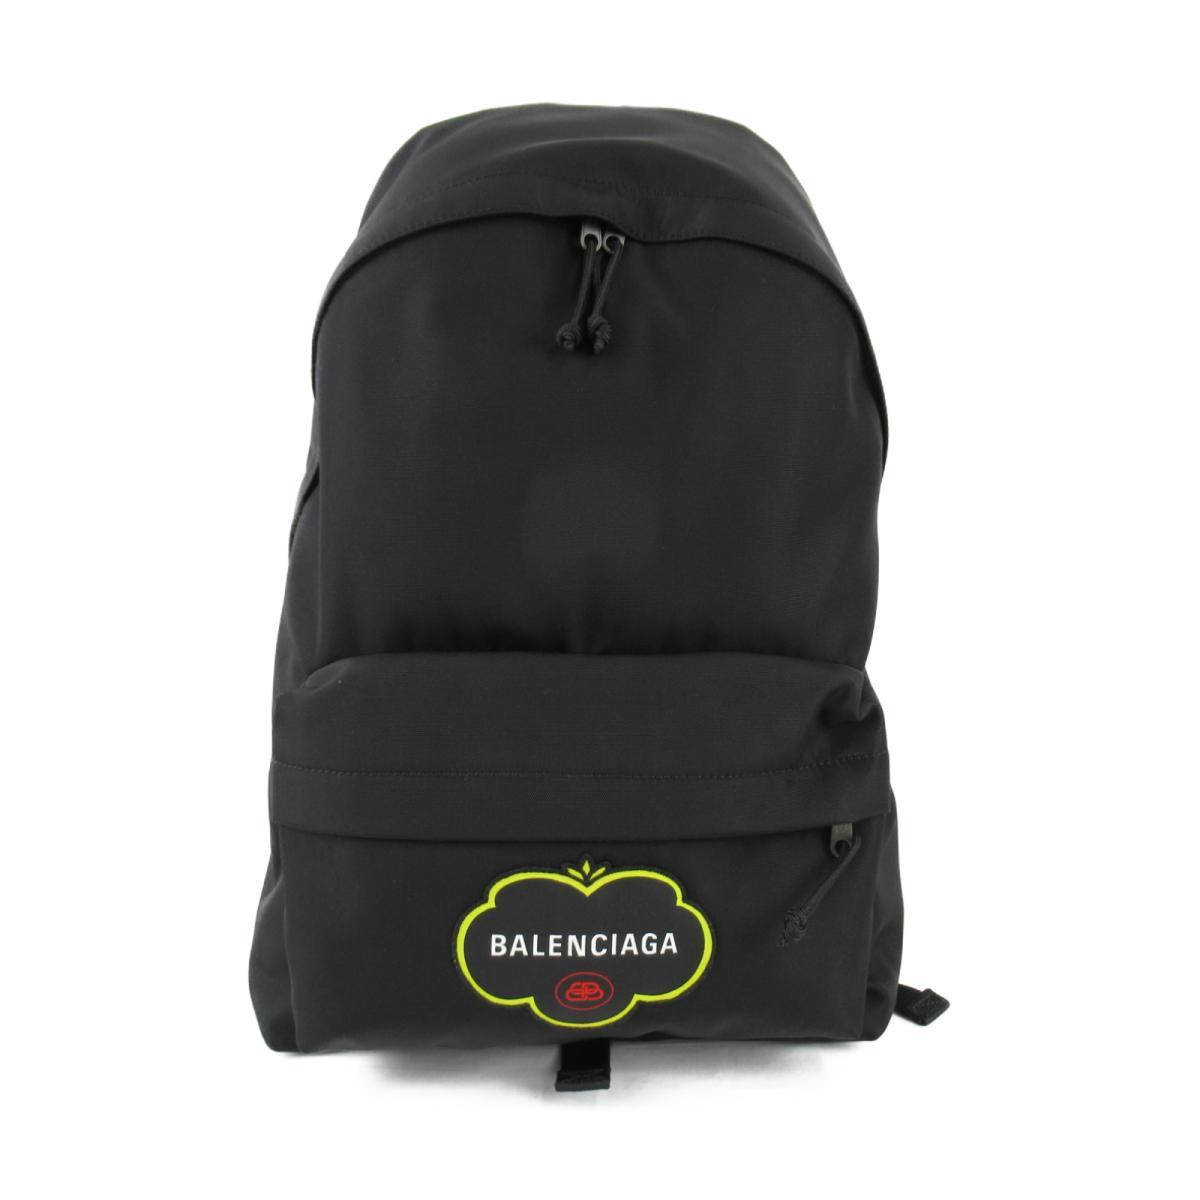 バレンシアガ E PLORER BACKPACK リュックサック バックパック メンズ レディース ナイロン ブラック (5032219WBG51000) | BALENCIAGA BRANDOFF ブランドオフ ブランド ブランドバッグ かばん バッグ バック リュック